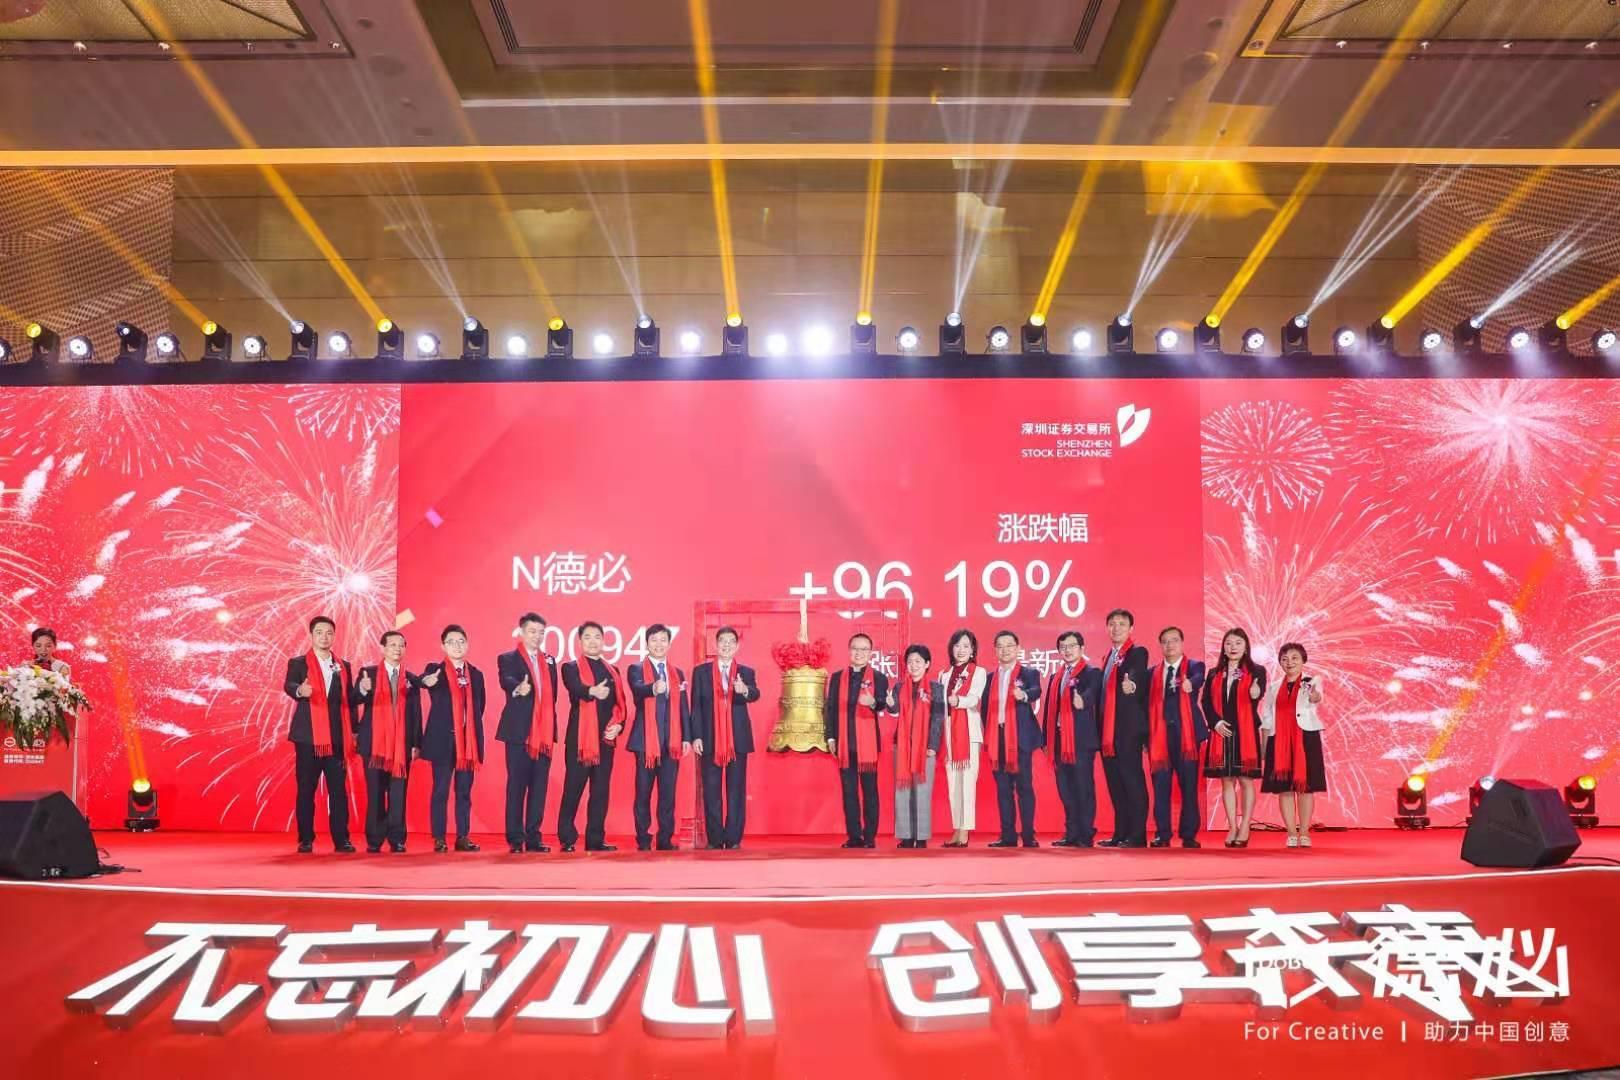 中国文创园龙头企业,德必集团成功登陆创业板